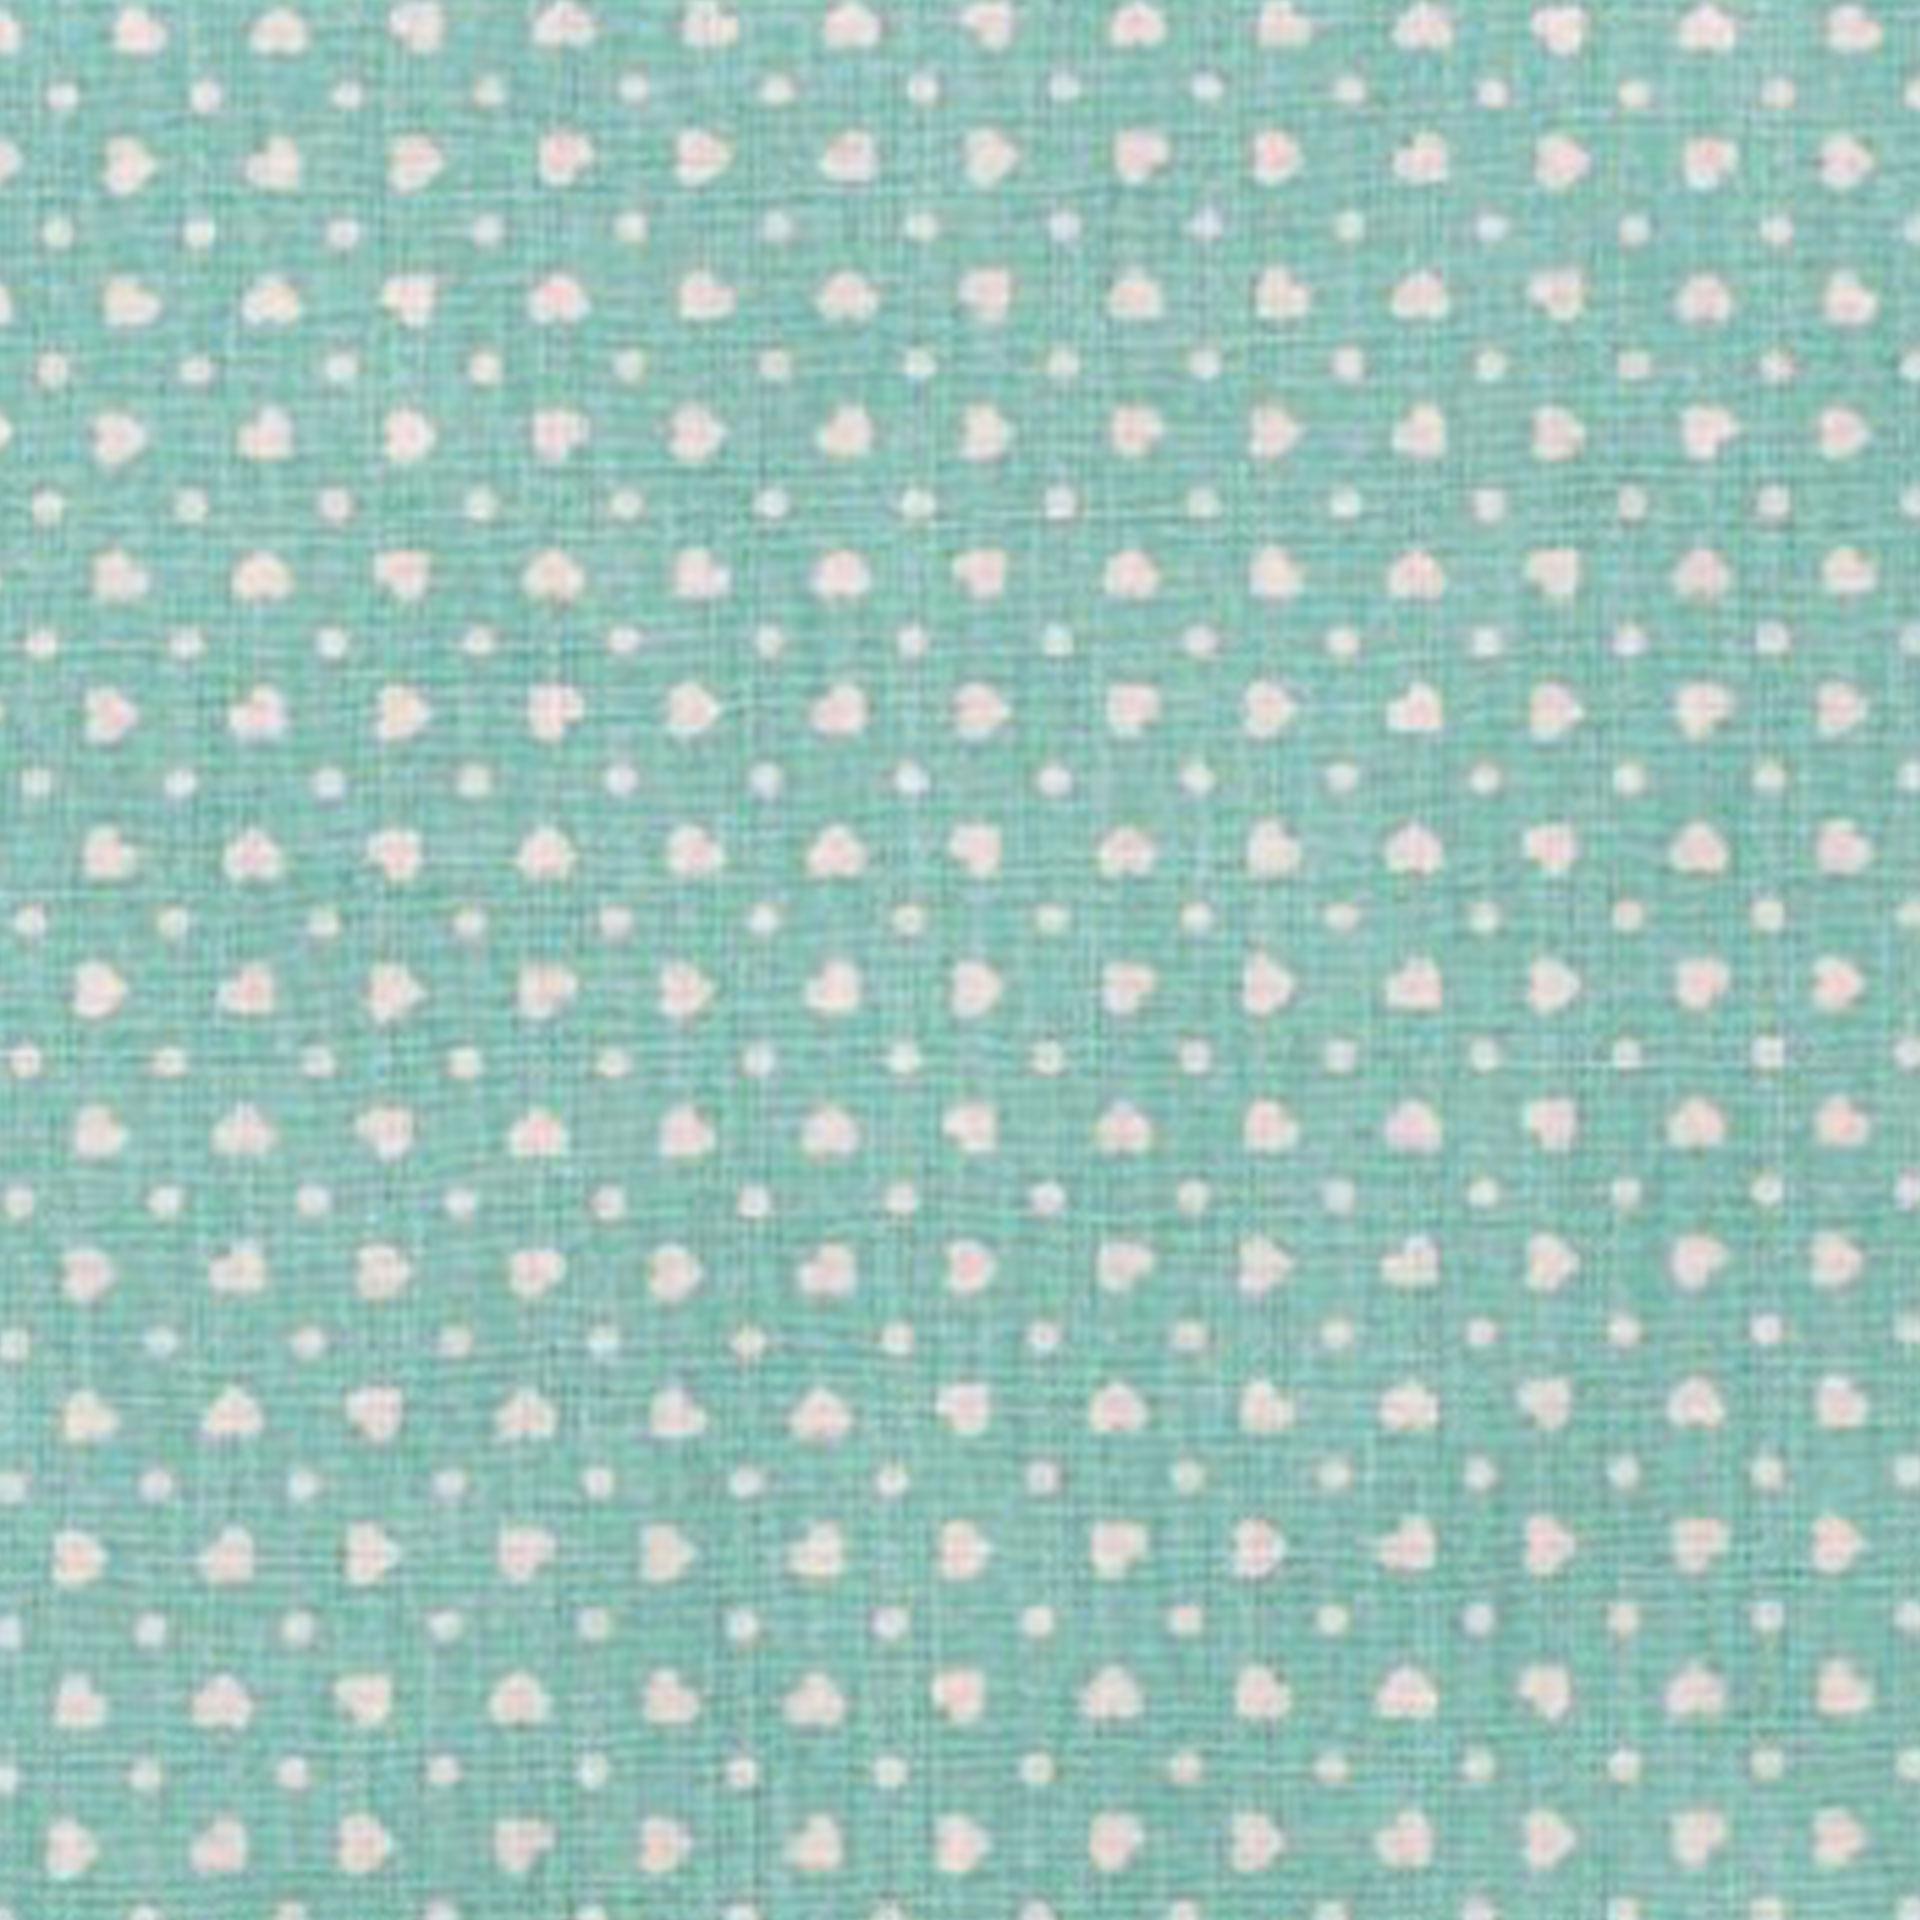 Tessuto Cotone con Cuoricini e Pois Bianchi